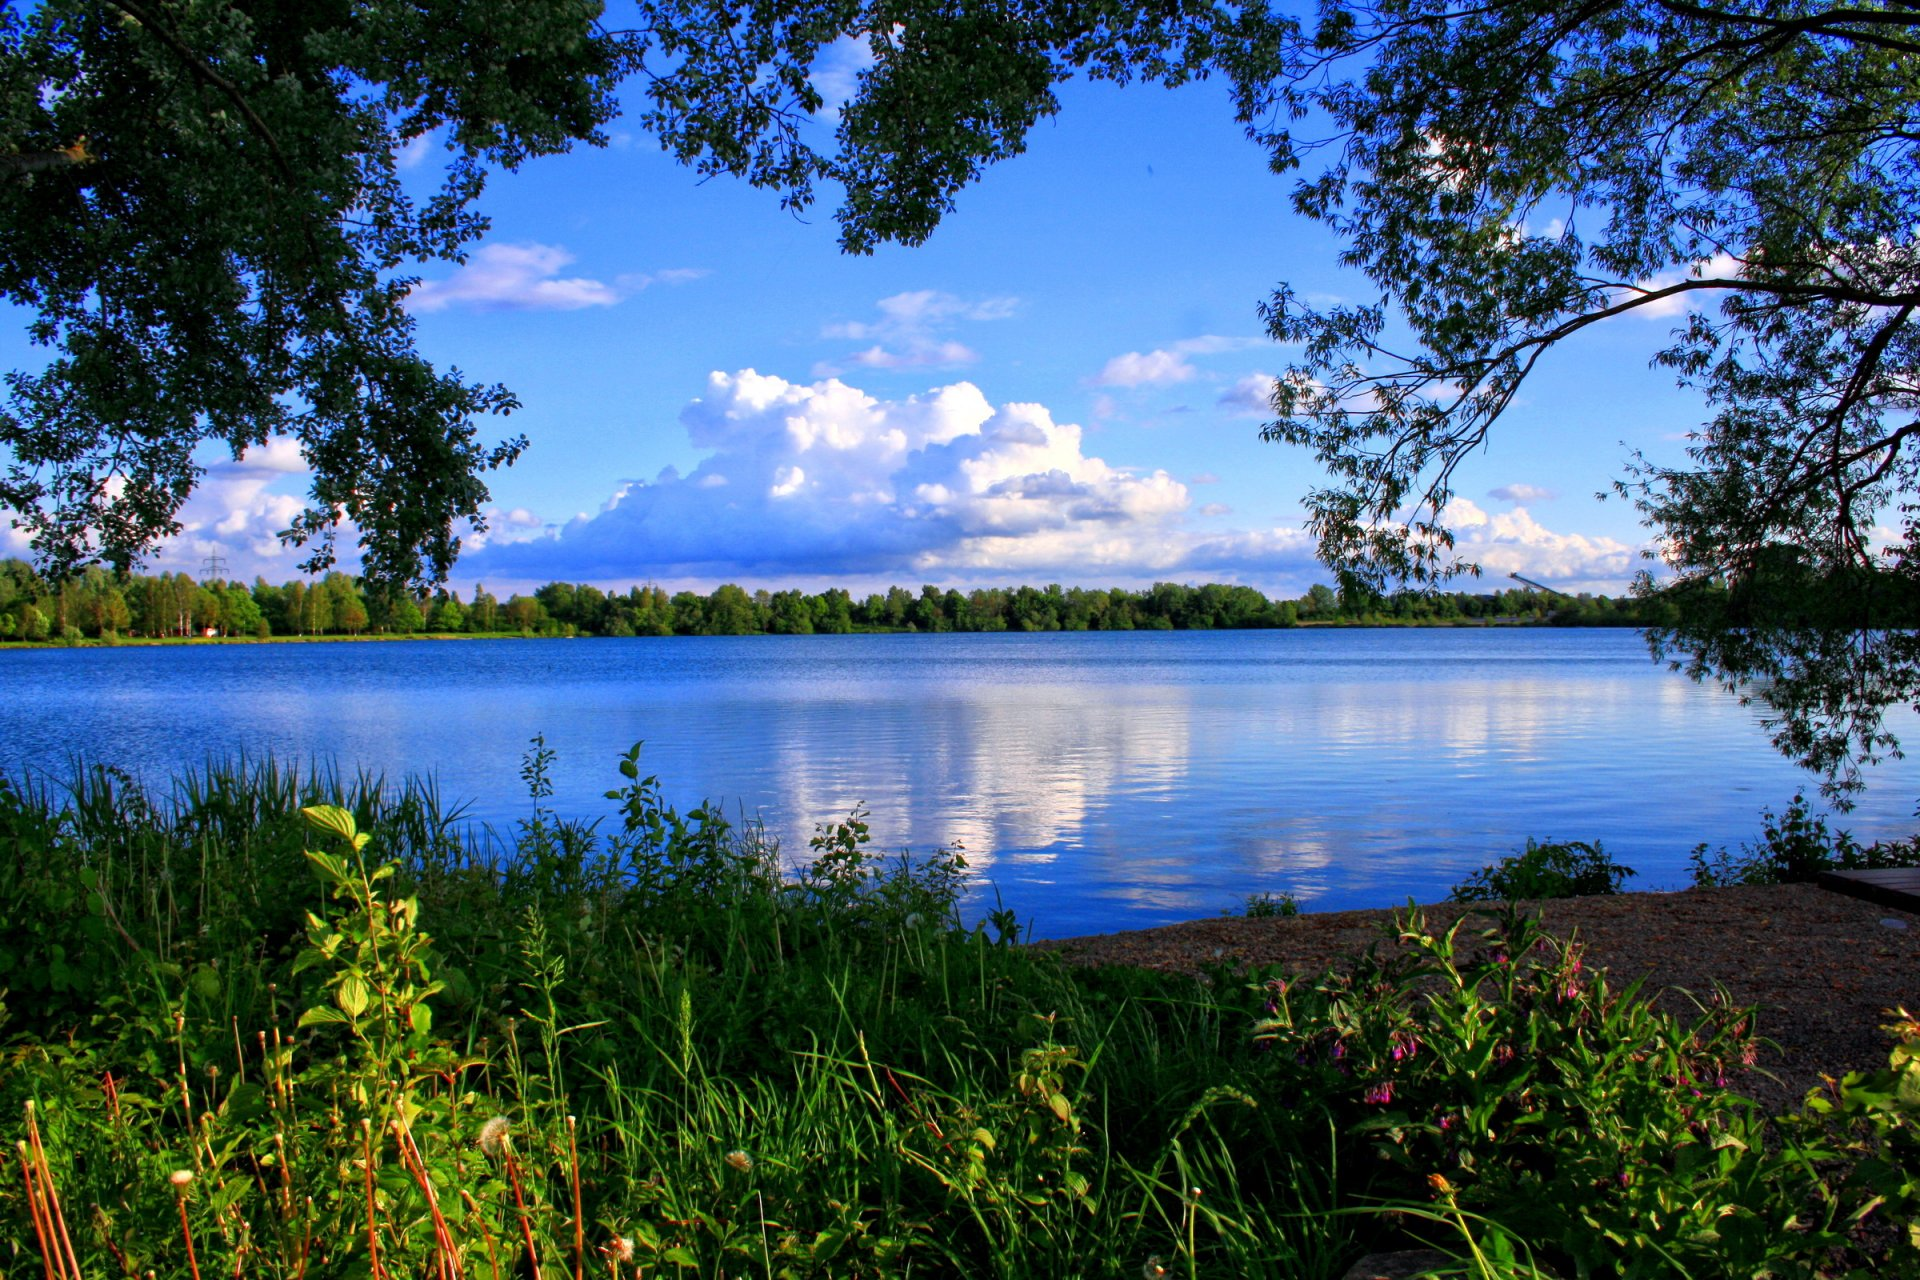 картинки на рабочий стол природа лес озера реки облака рисунке цветными